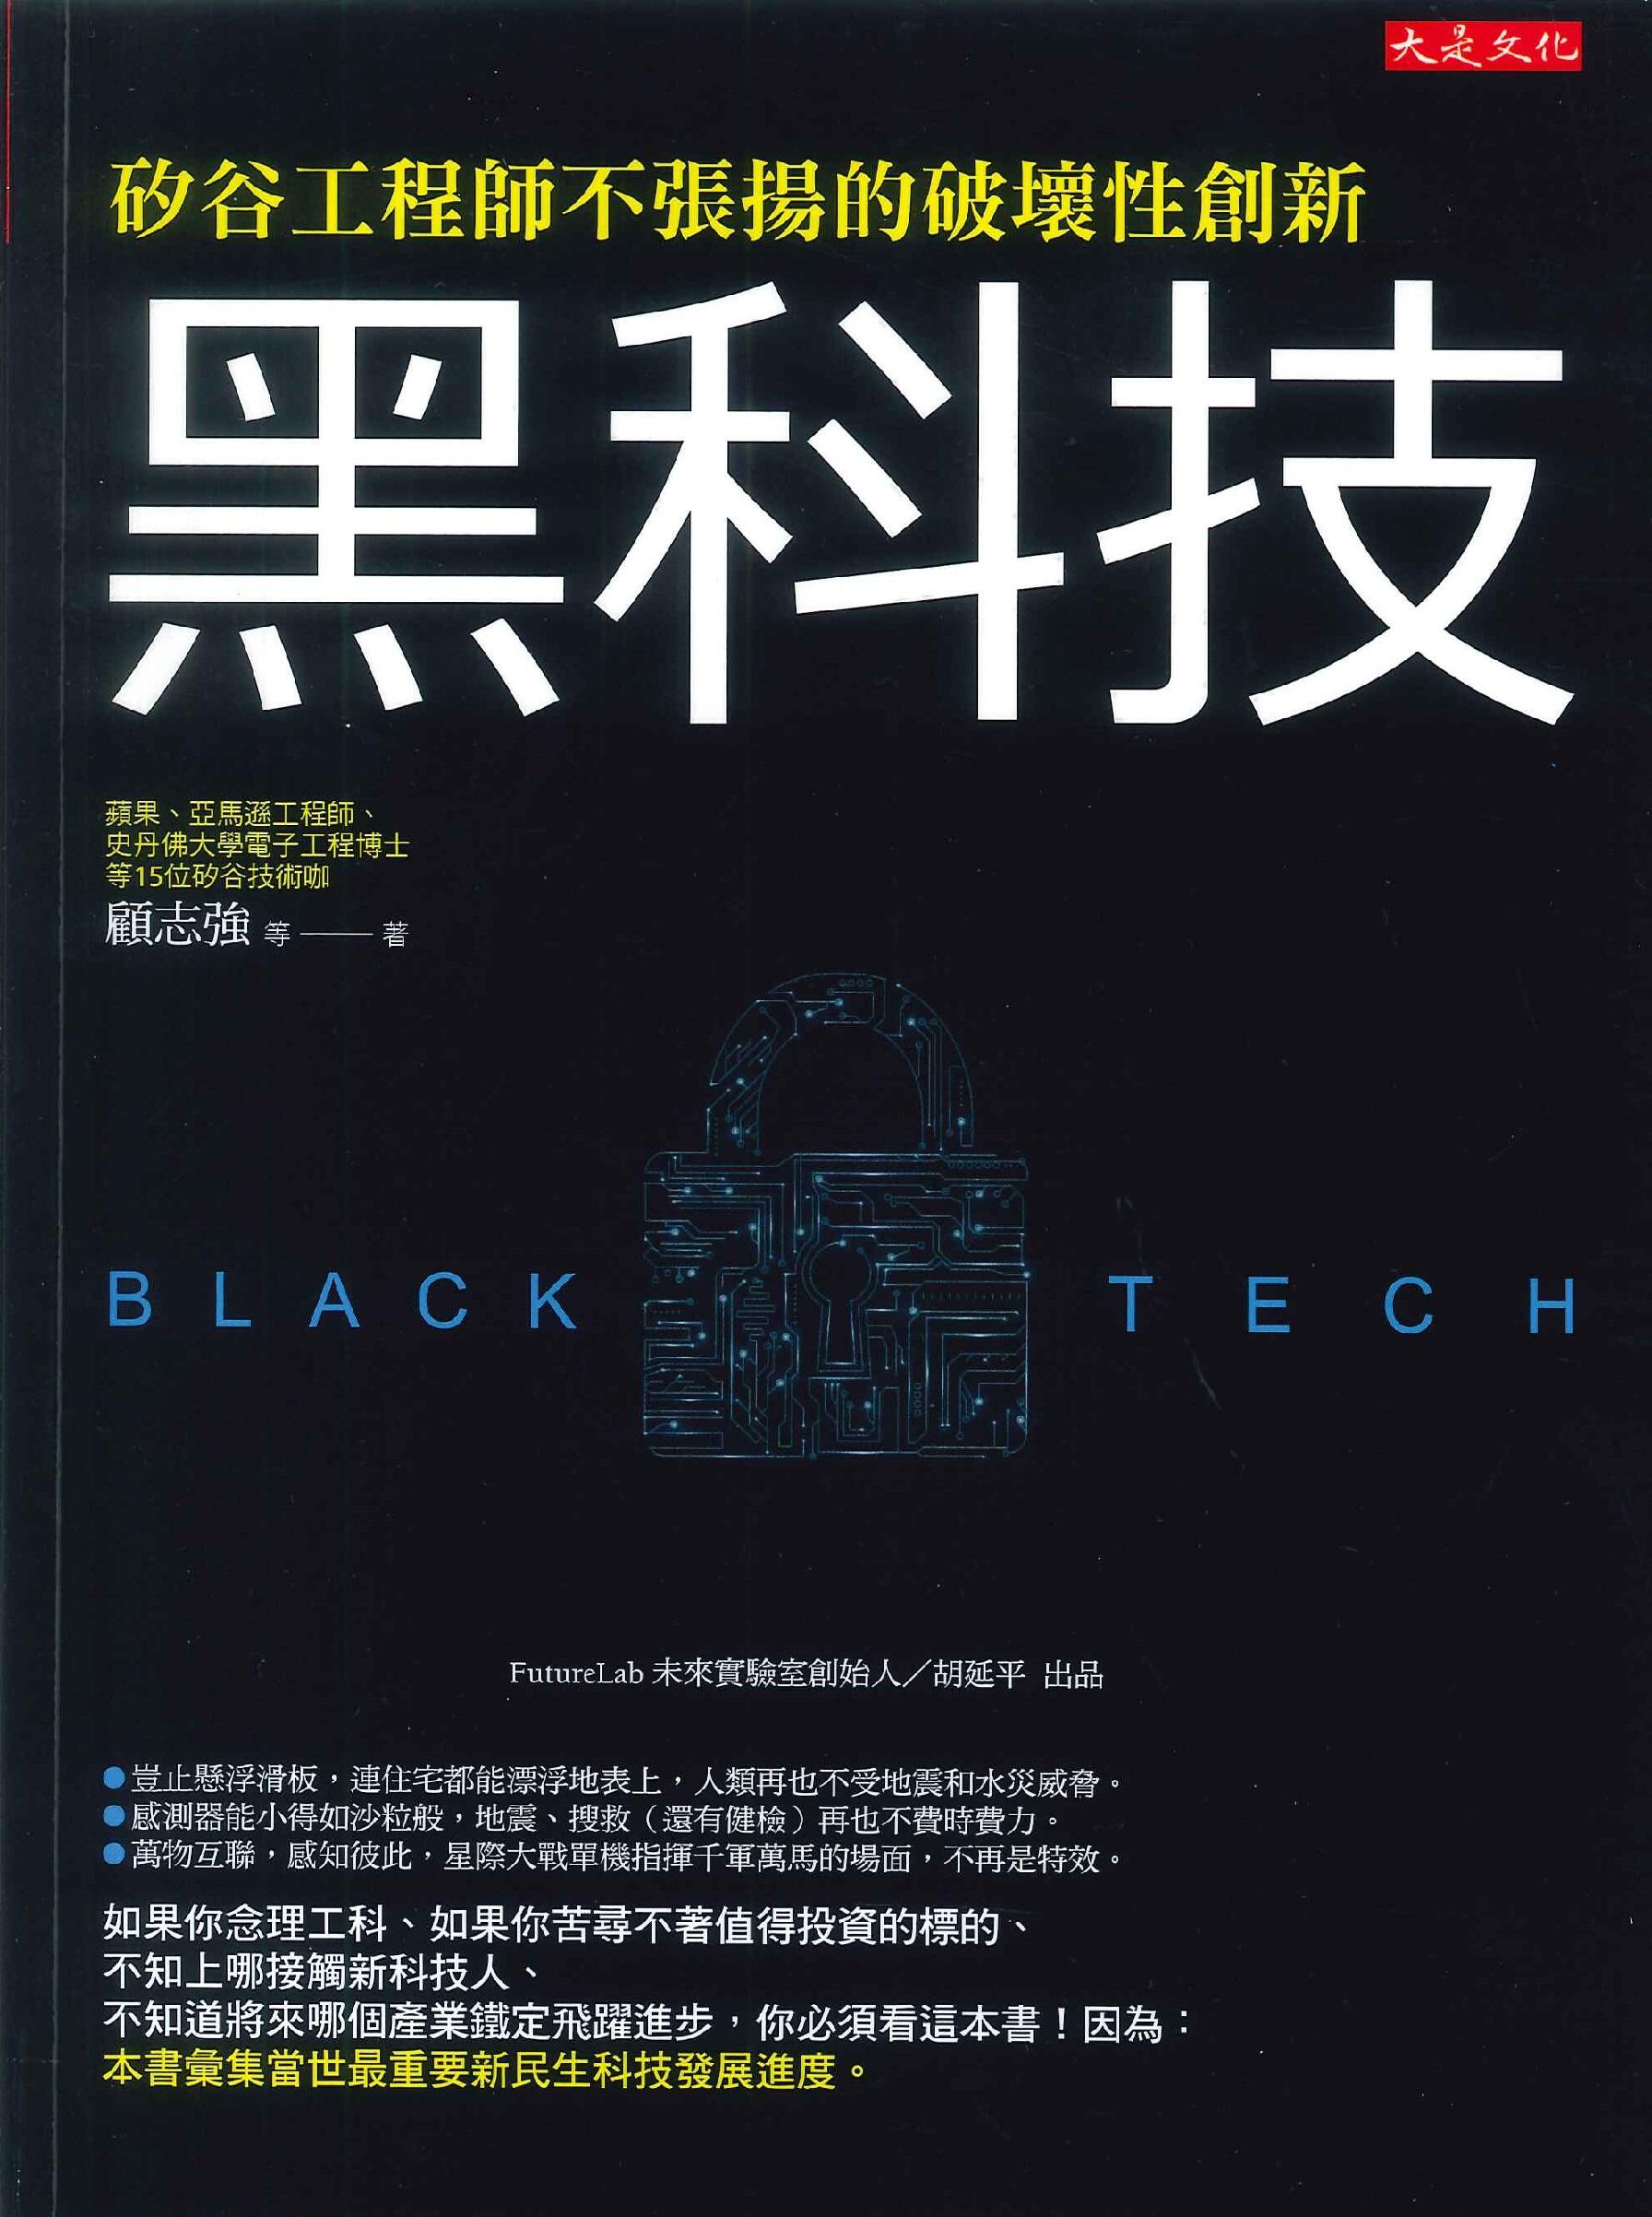 矽谷工程師不張揚的破壞性創新:黑科技=Black tech